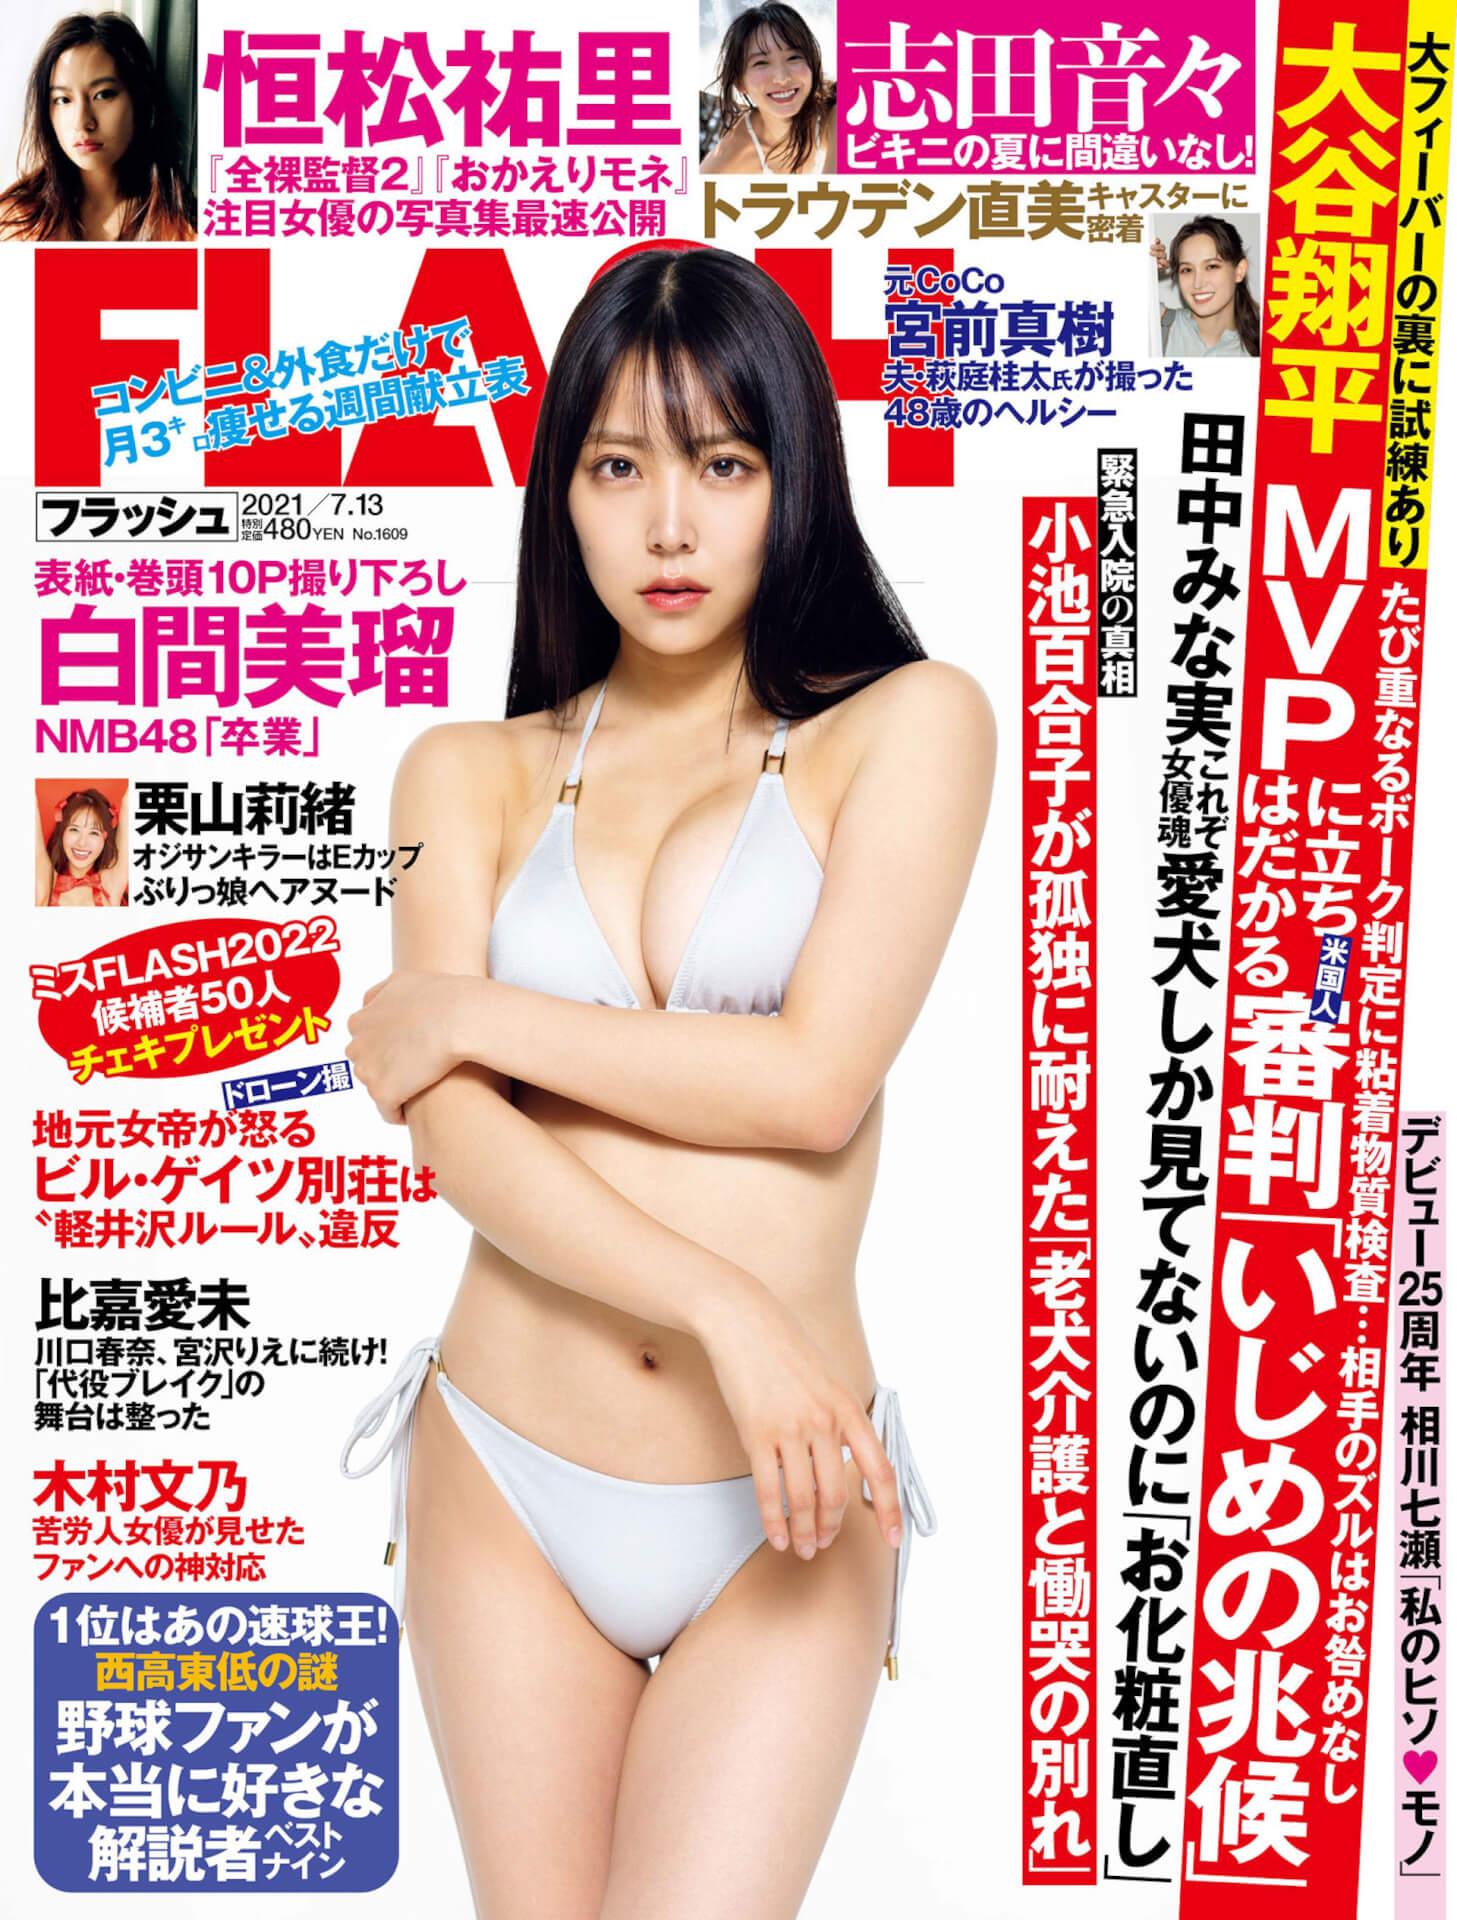 『めざましテレビ』のイマドキガール志田音々が純白のランジェリー姿を披露!『FLASH』でグラビアに挑戦 art210629_flash_1